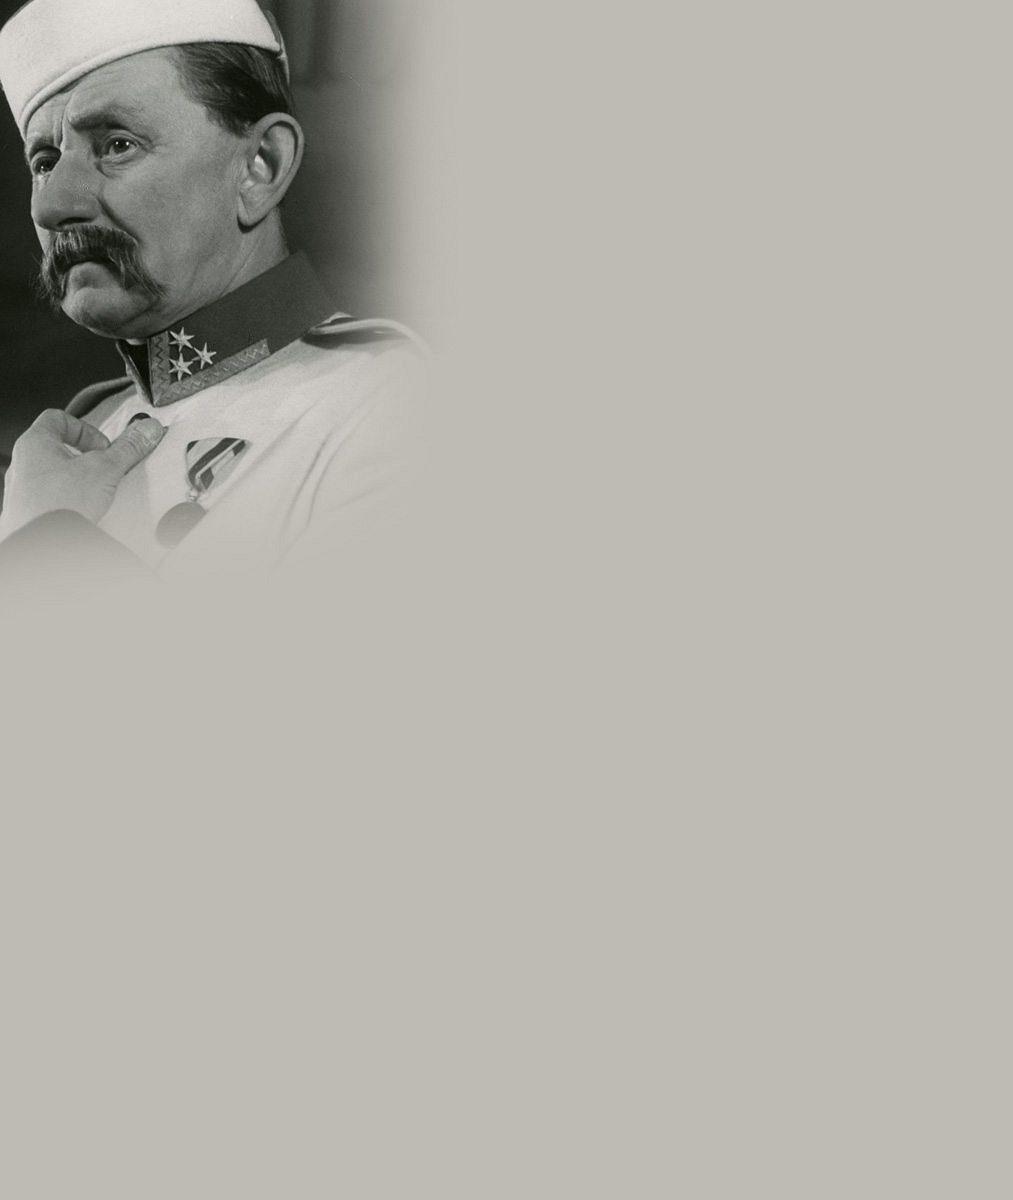 Hodně smutná životní kapitola Vlasty Buriana: Takhle vypadal v posledních divadelních rolích